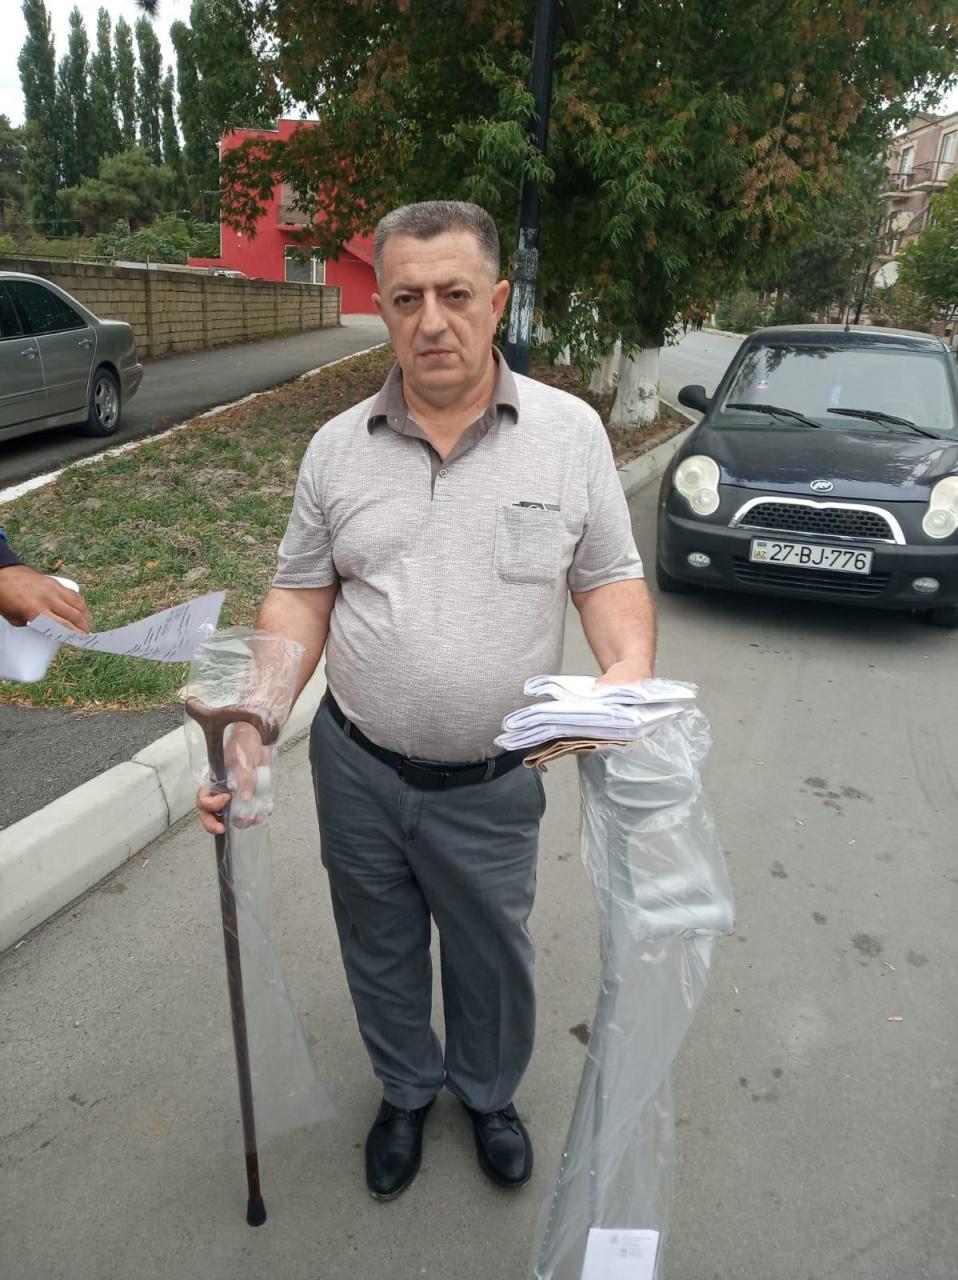 Лица с инвалидностью получили от государства средства реабилитации